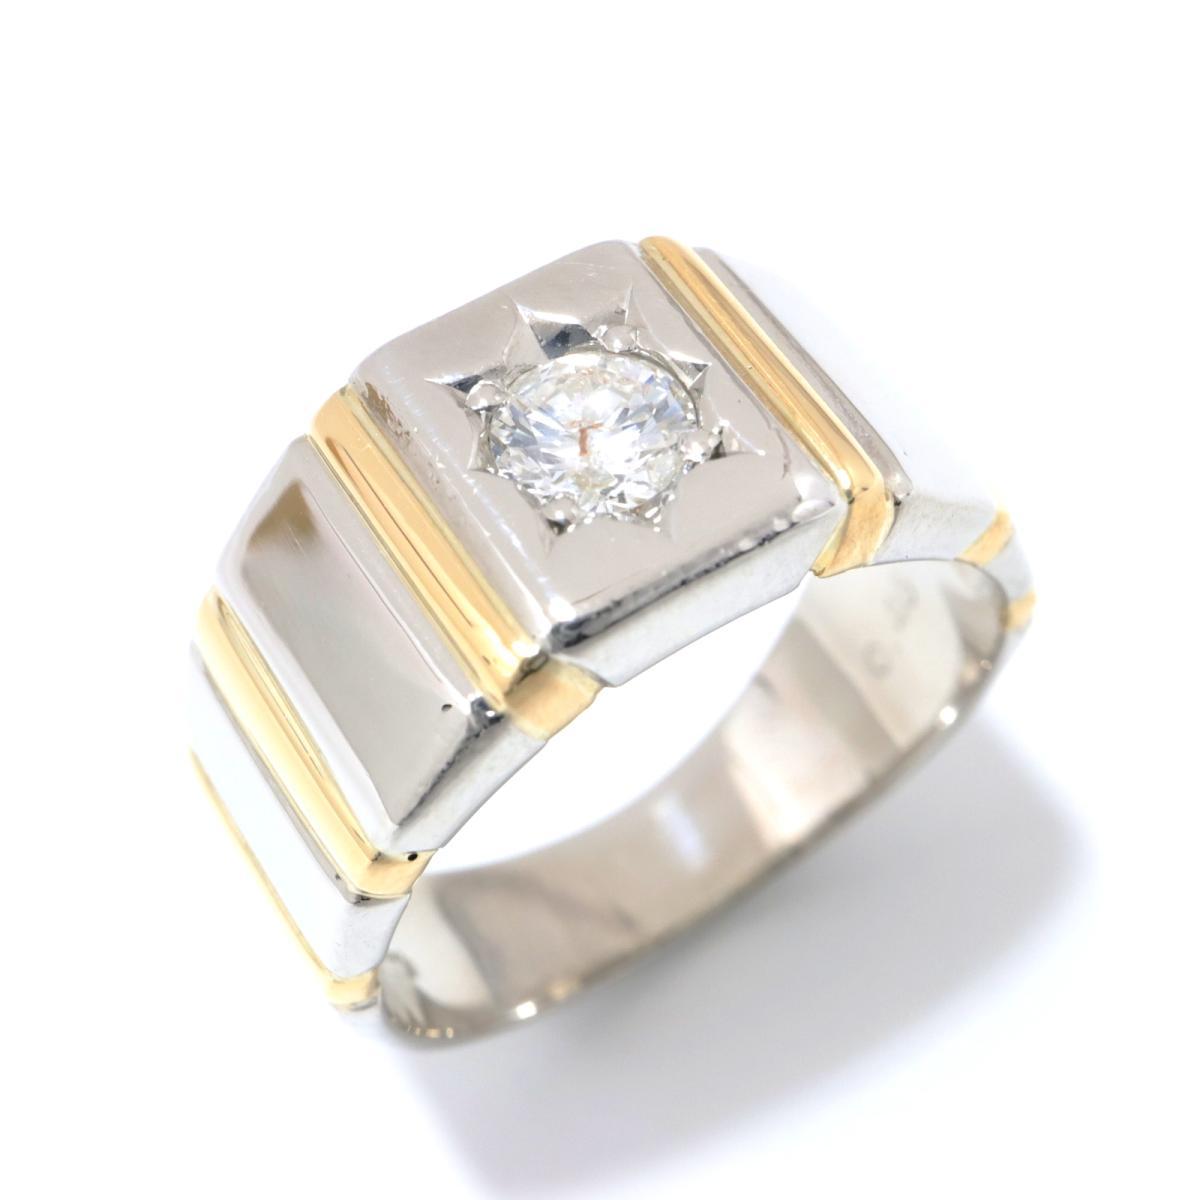 ジュエリー ダイヤモンド リング 指輪 ノーブランドジュエリー メンズ レディース PT900 プラチナ x K18YG (0.46ct) クリアー ゴールド シルバー 【中古】 | JEWELRY BRANDOFF ブランドオフ ブランド アクセサリー